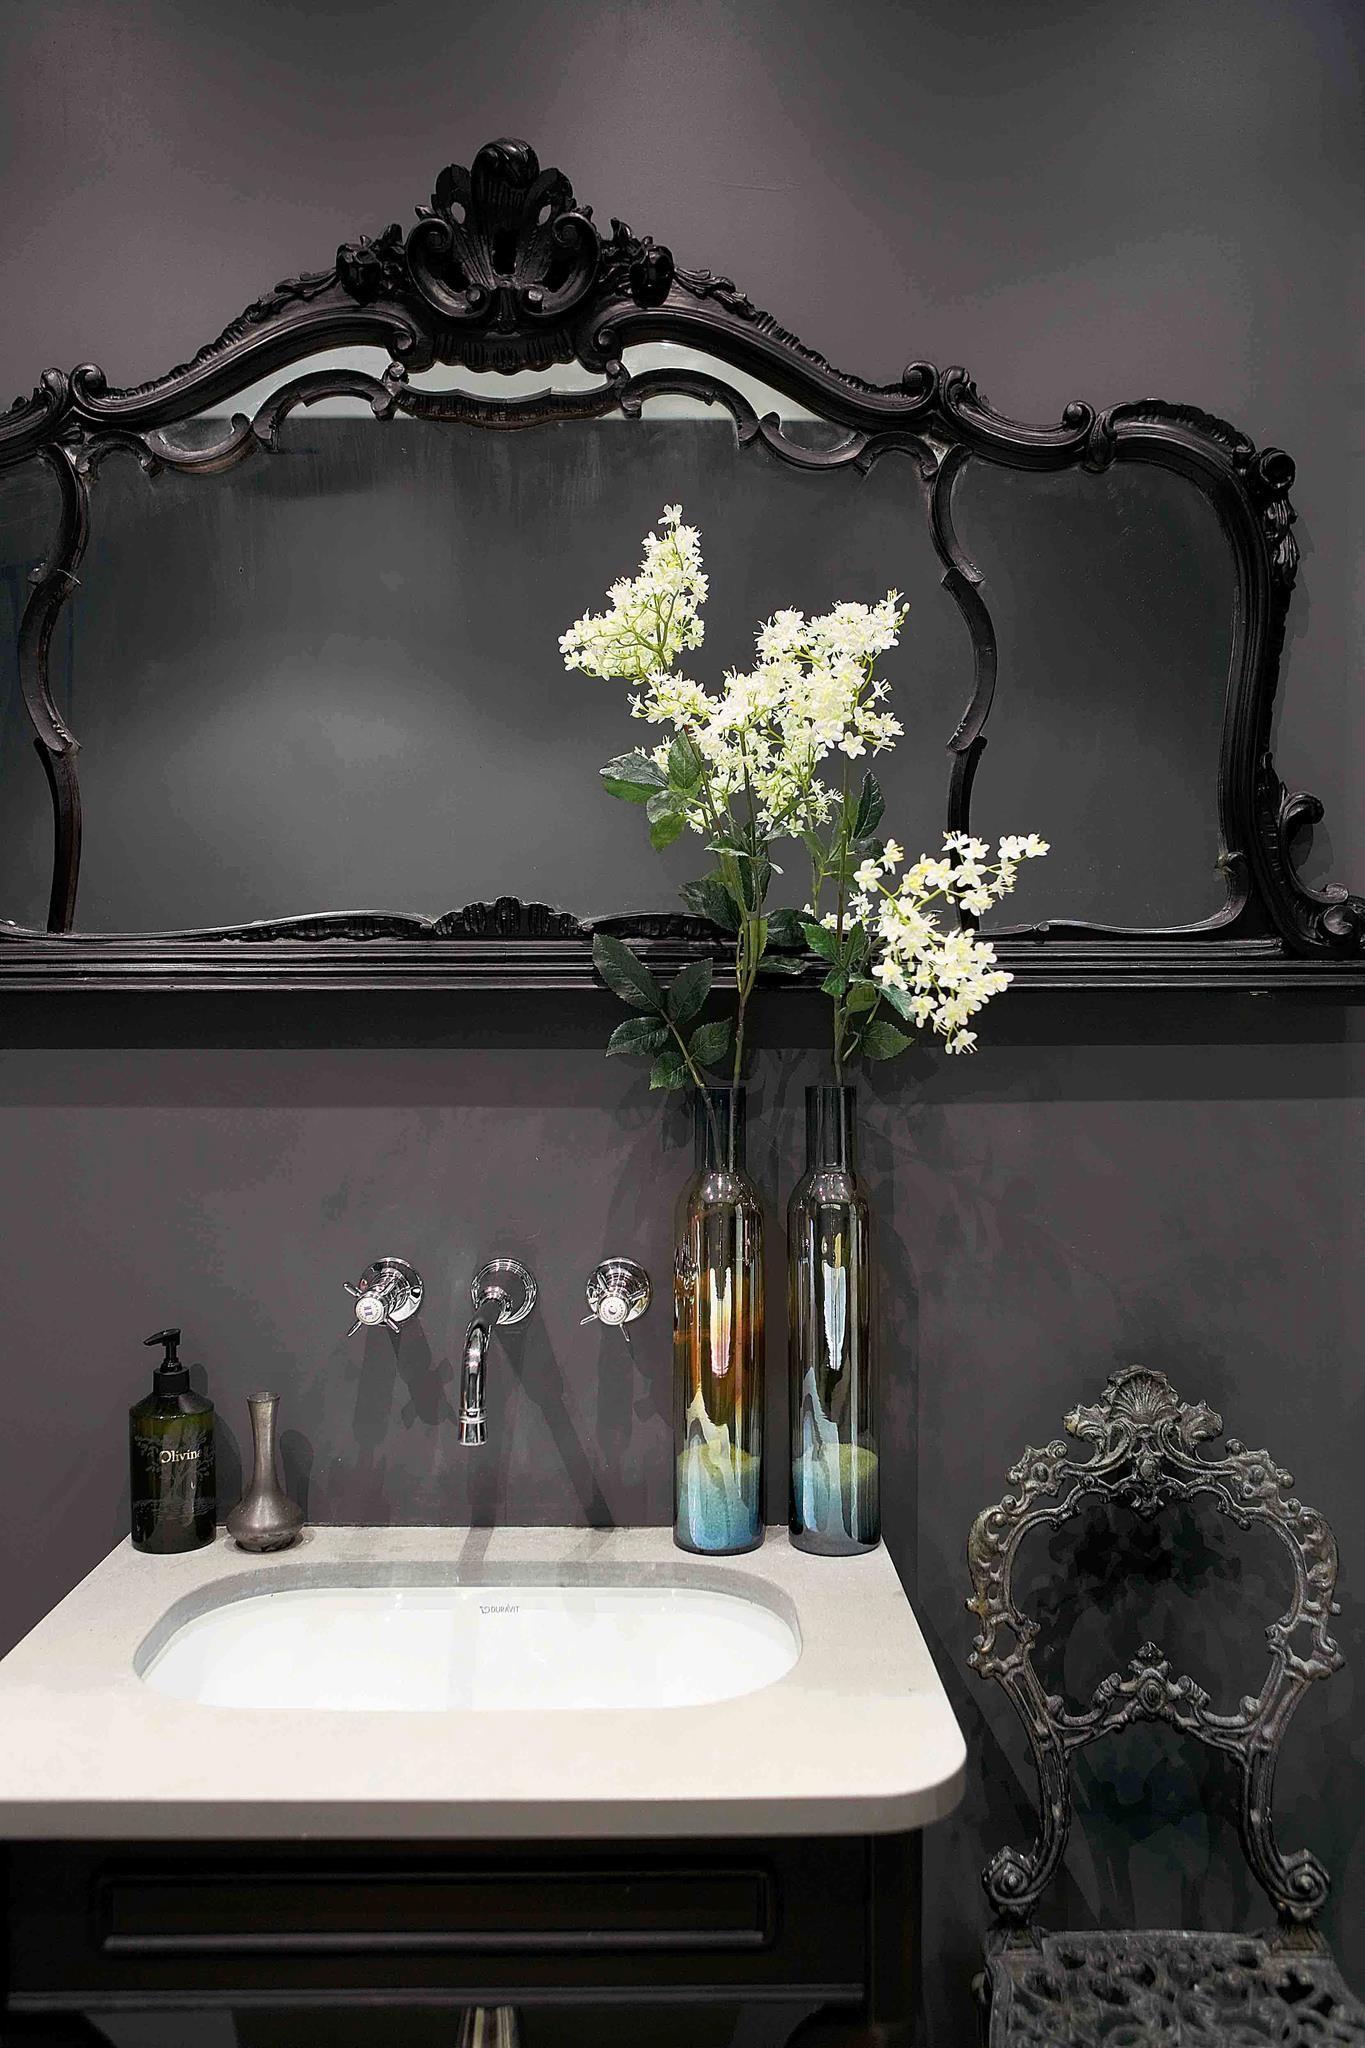 Dark Bathroom Interiors Interiors Interiors The Inner Interiorista G R E Y Dunkle Badezimmer Badezimmer Dekor Und Badezimmer Schwarz